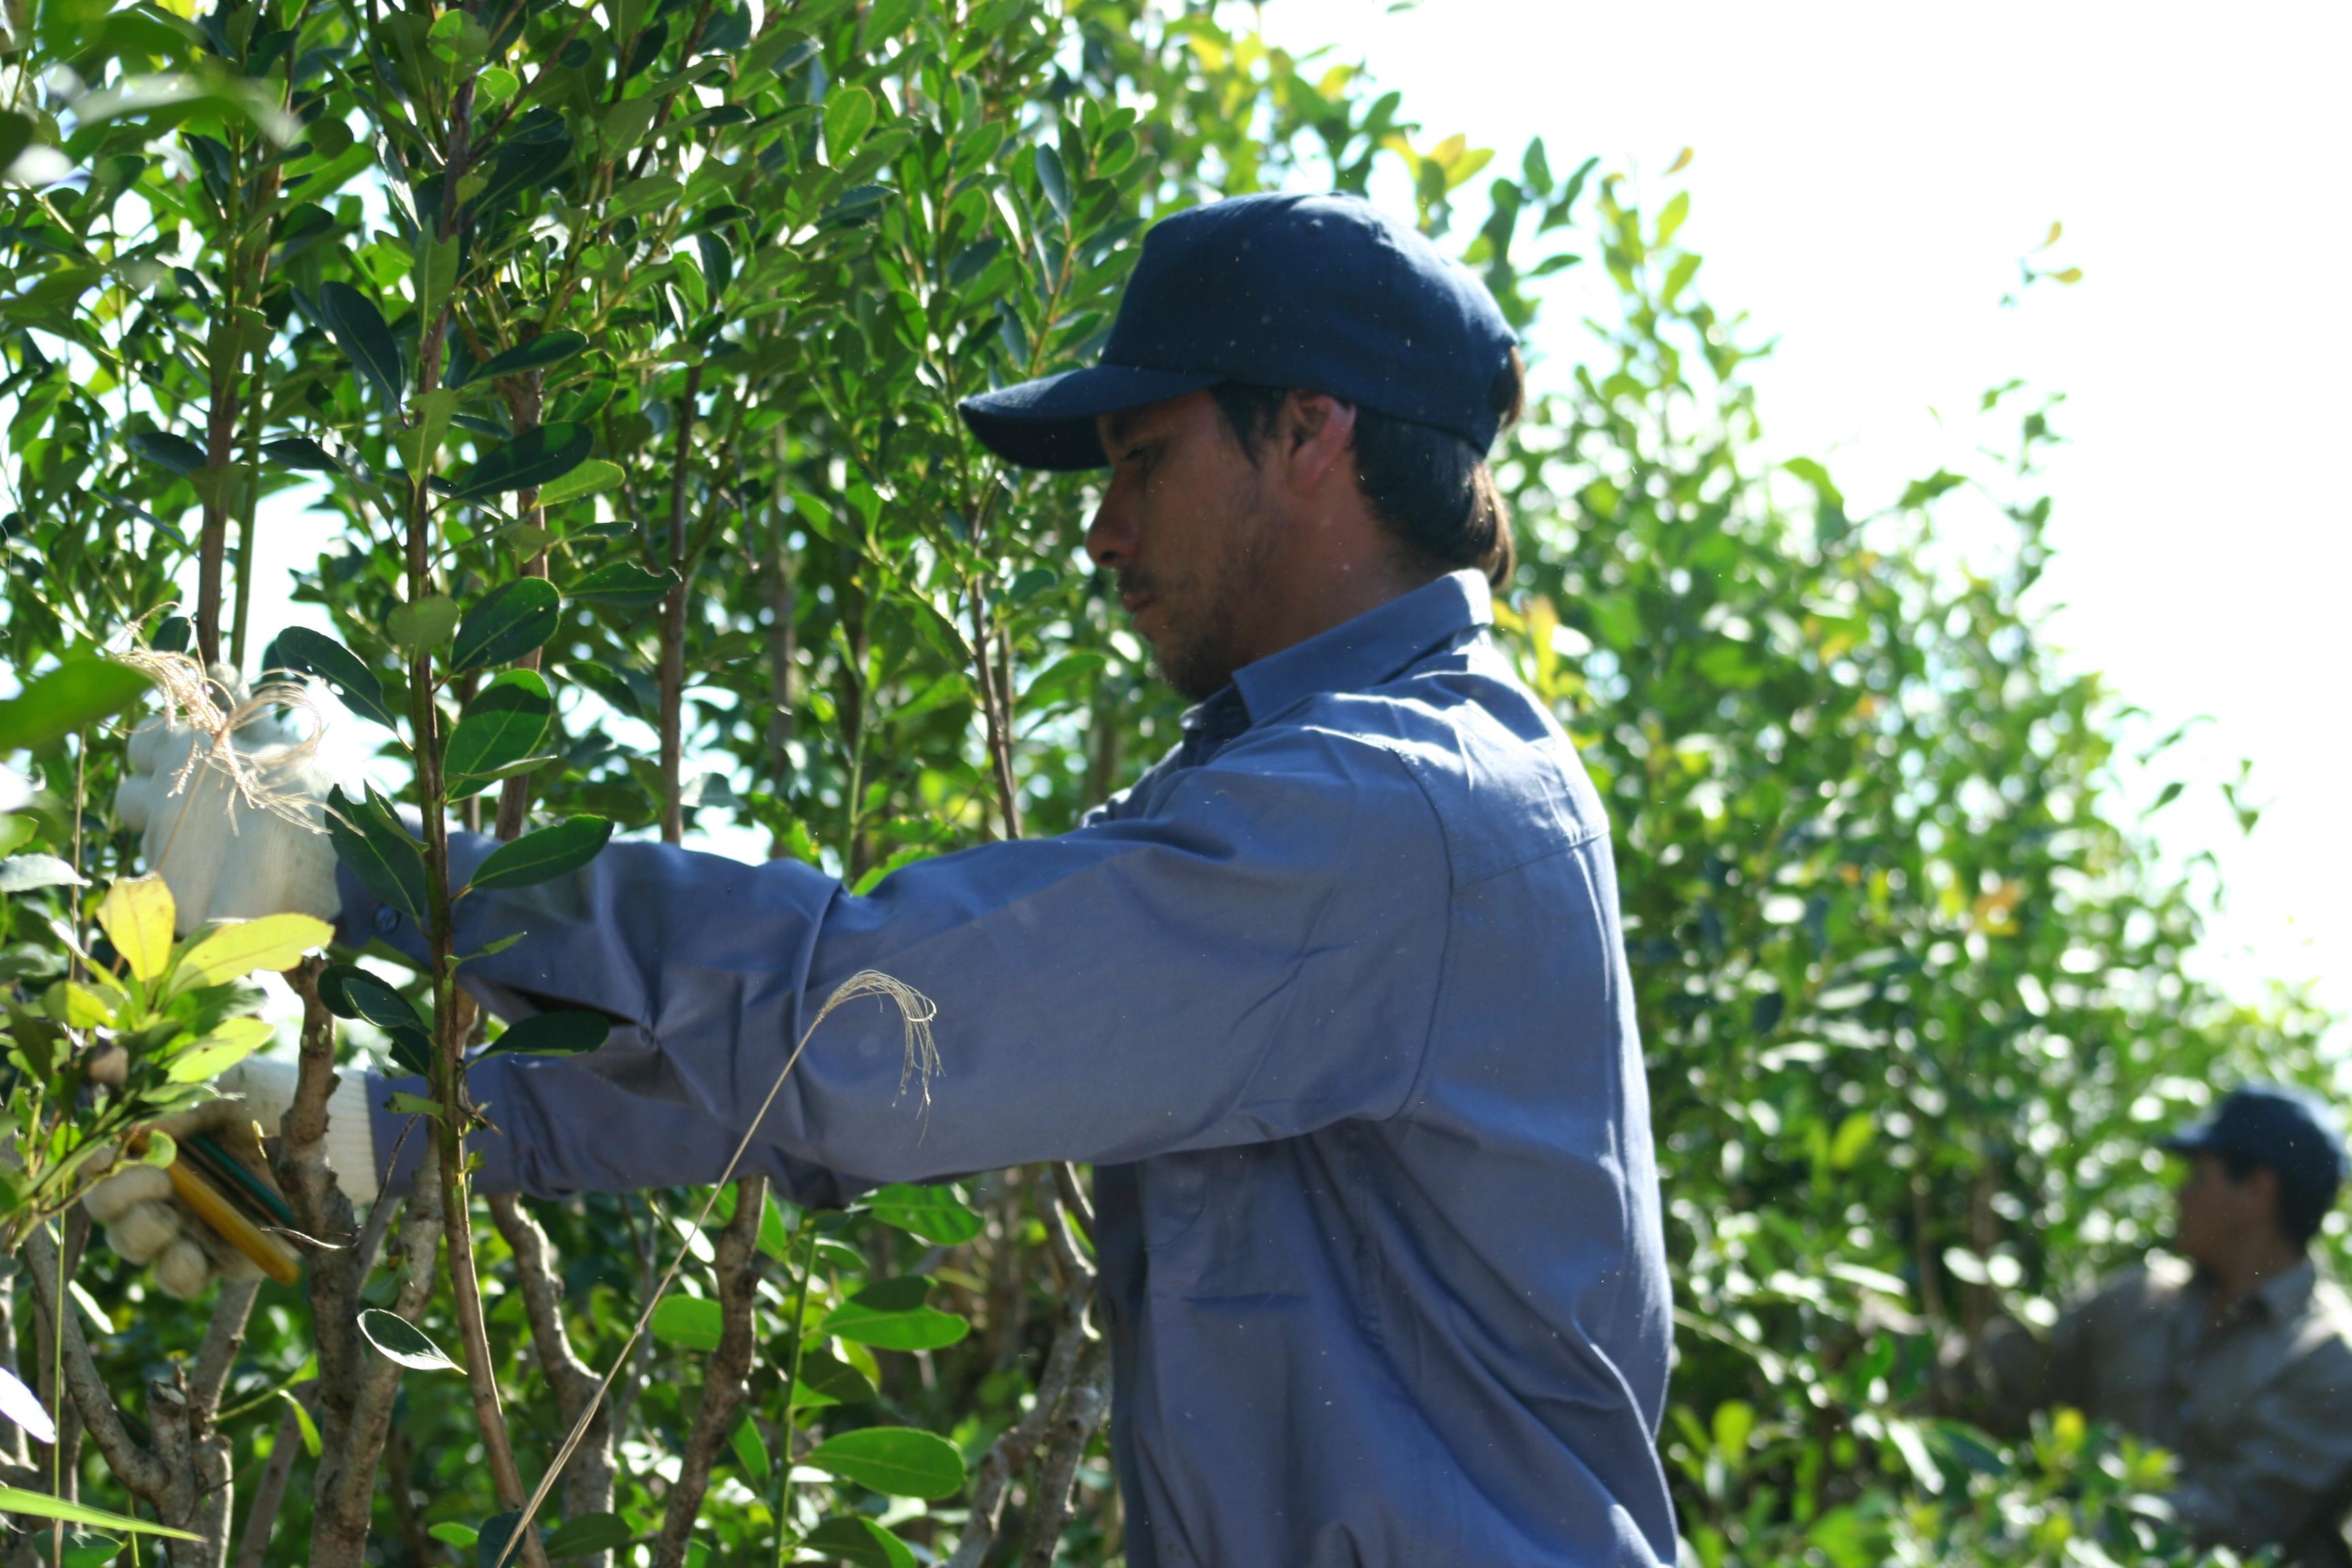 Productores propondrían $25 por kilo de hoja verde de yerba mate